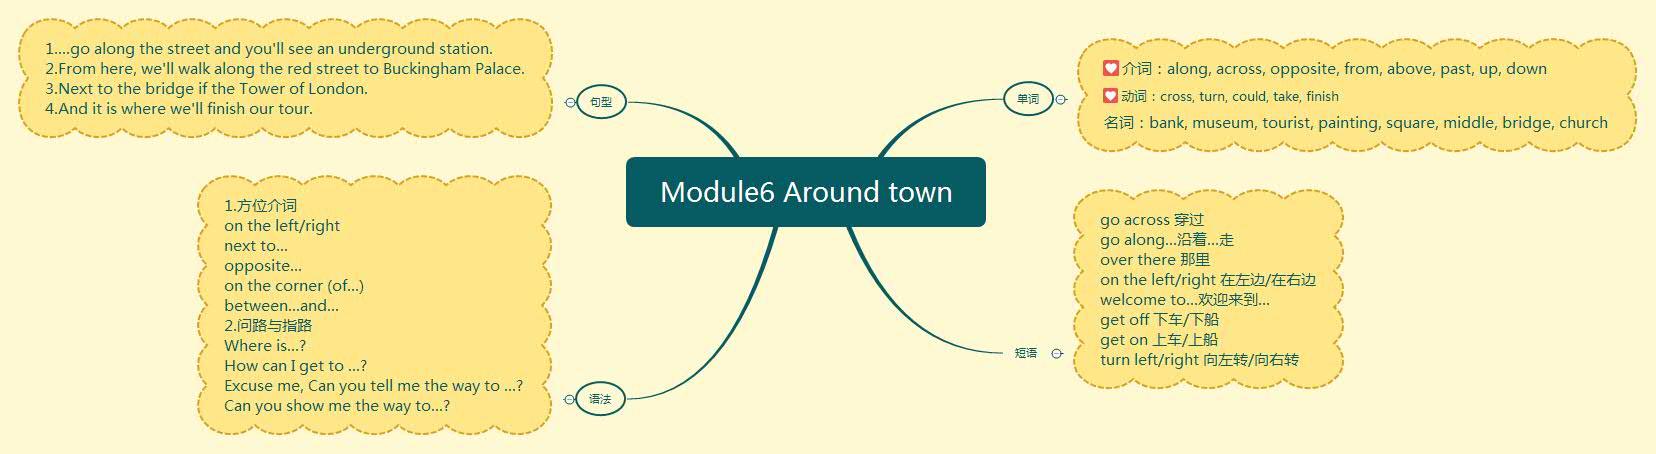 Module6 Around town.jpg